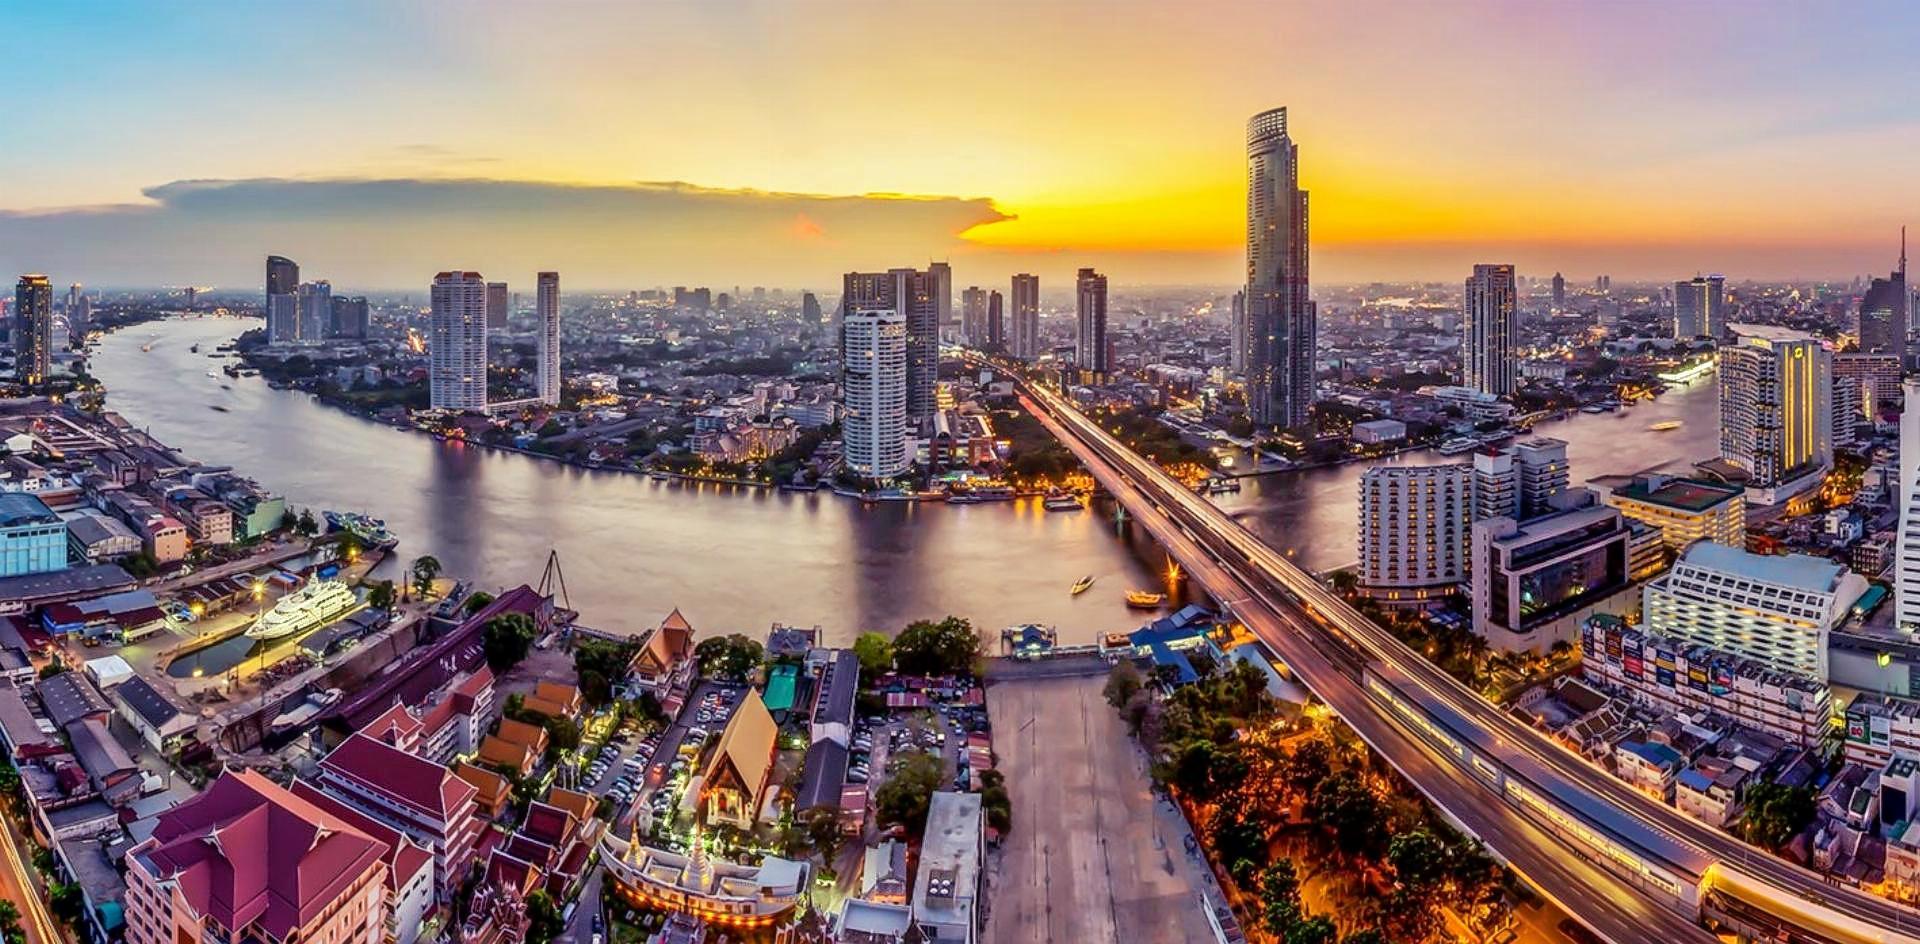 1562751202_bangkok-pattaya-phuket-sonbahar-kis-turu_171122160035.jpg